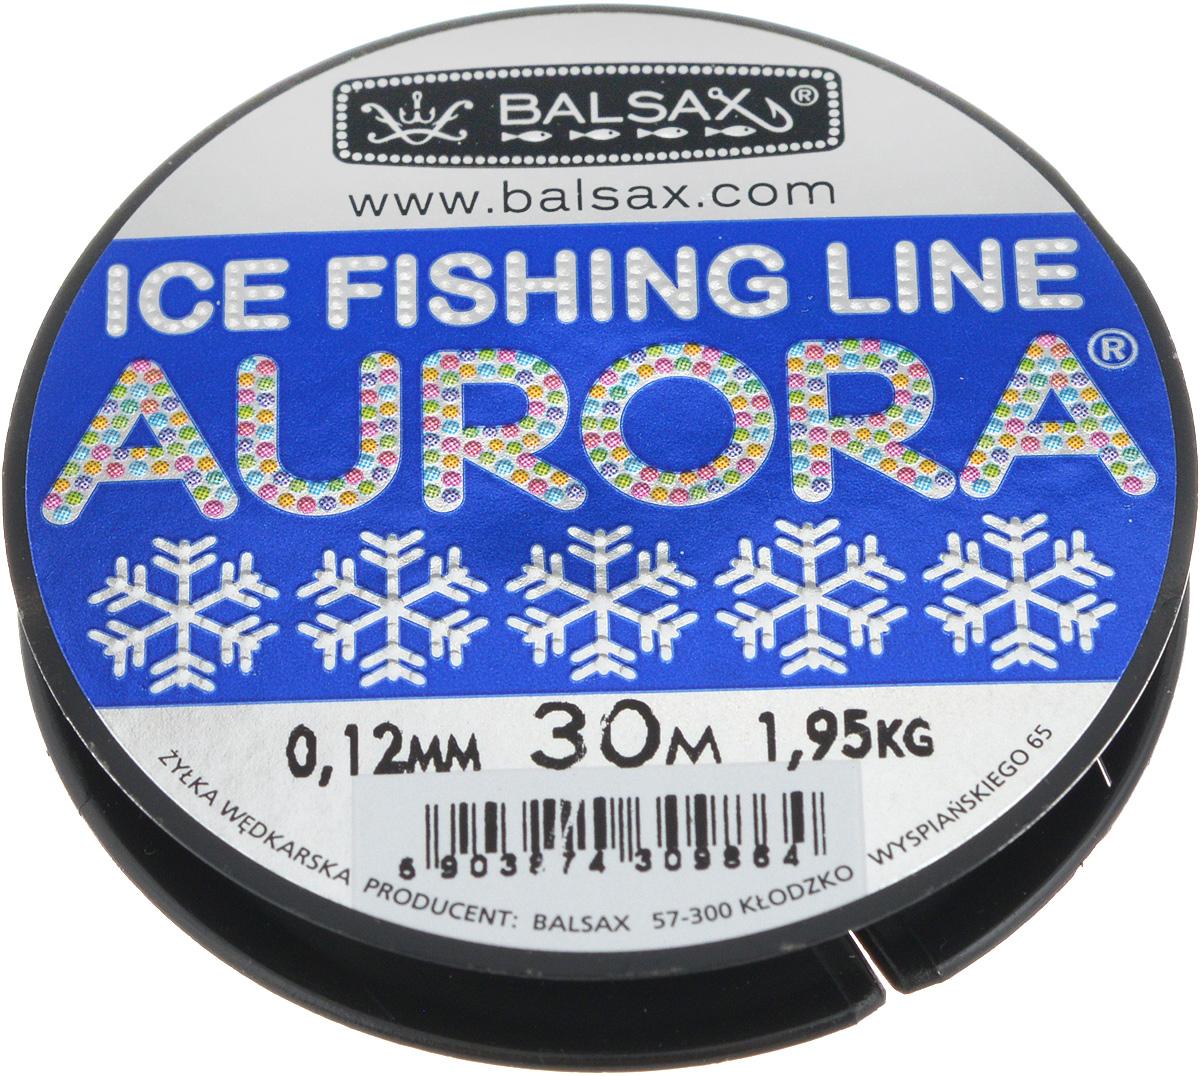 Леска зимняя Balsax Aurora, 30 м, 0,12 мм, 1,95 кг310-04012Леска Balsax Aurora изготовлена из 100% нейлона и очень хорошо выдерживает низкие температуры. Даже в самом холодном климате, при температуре вплоть до -40°C, она сохраняет свои свойства практически без изменений, в то время как традиционные лески становятся менее эластичными и теряют прочность.Поверхность лески обработана таким образом, что она не обмерзает и отлично подходит для подледного лова. Прочна в местах вязки узлов даже при минимальном диаметре.